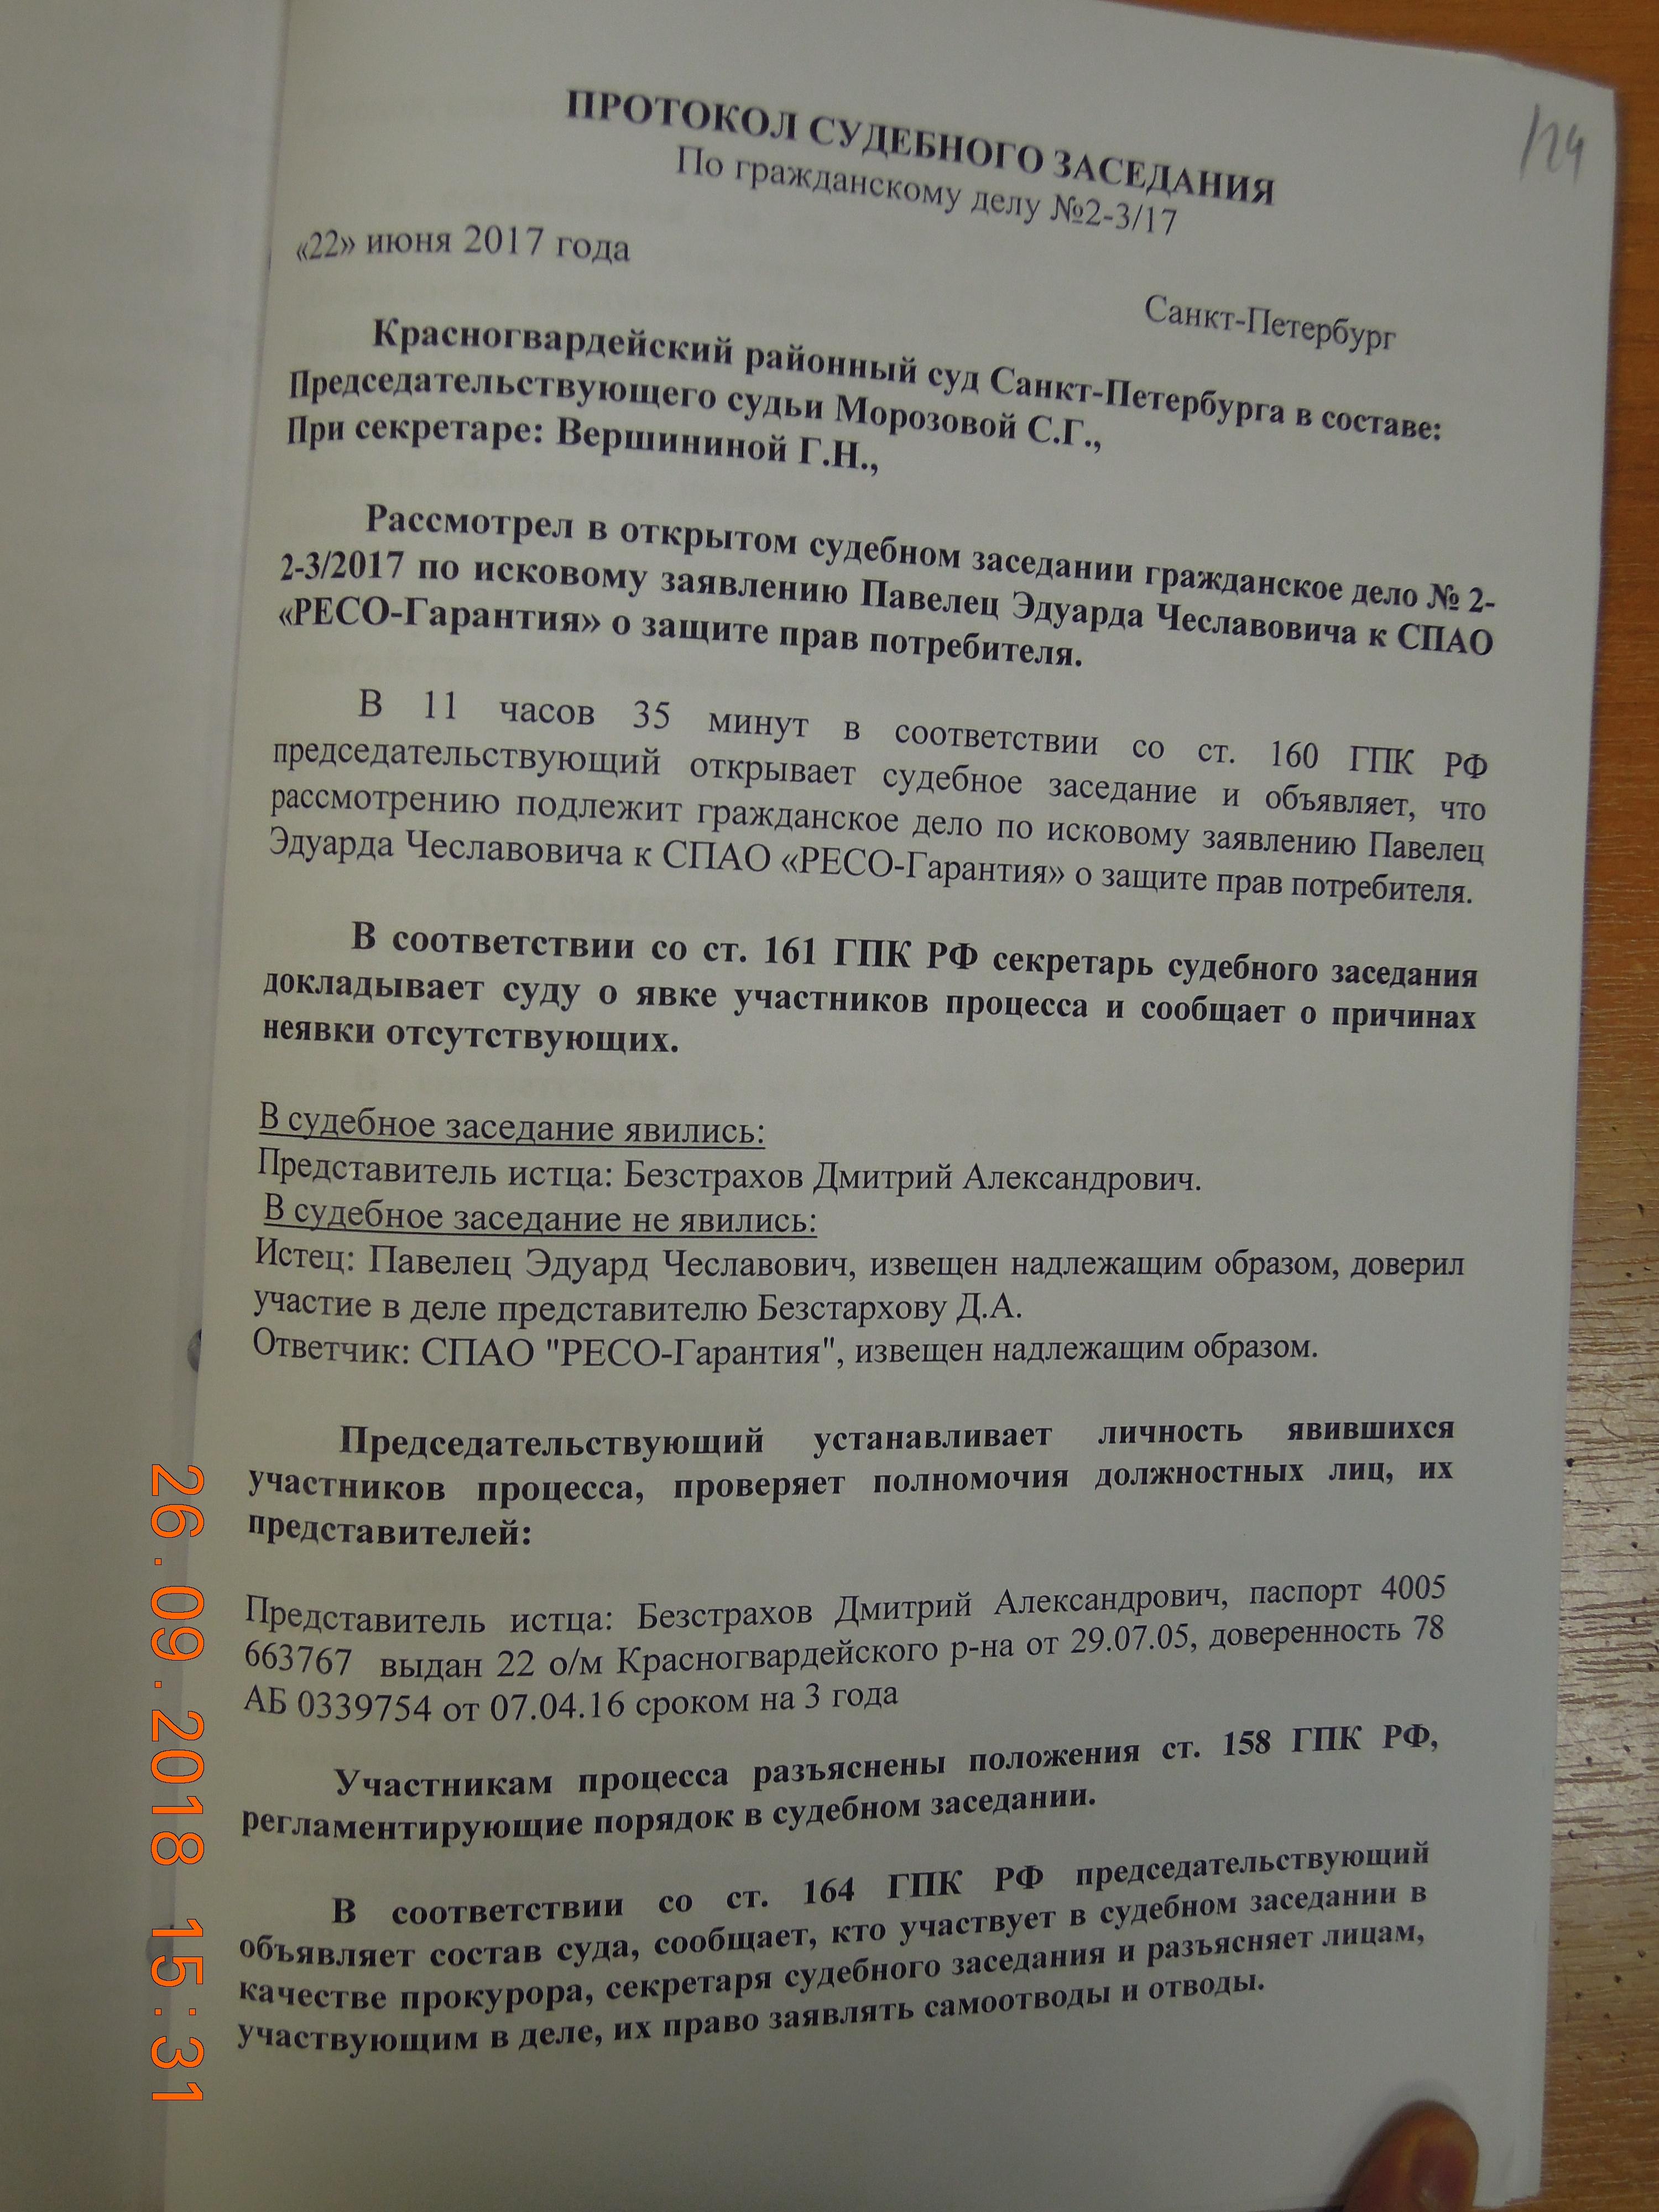 DSCN4570.JPG